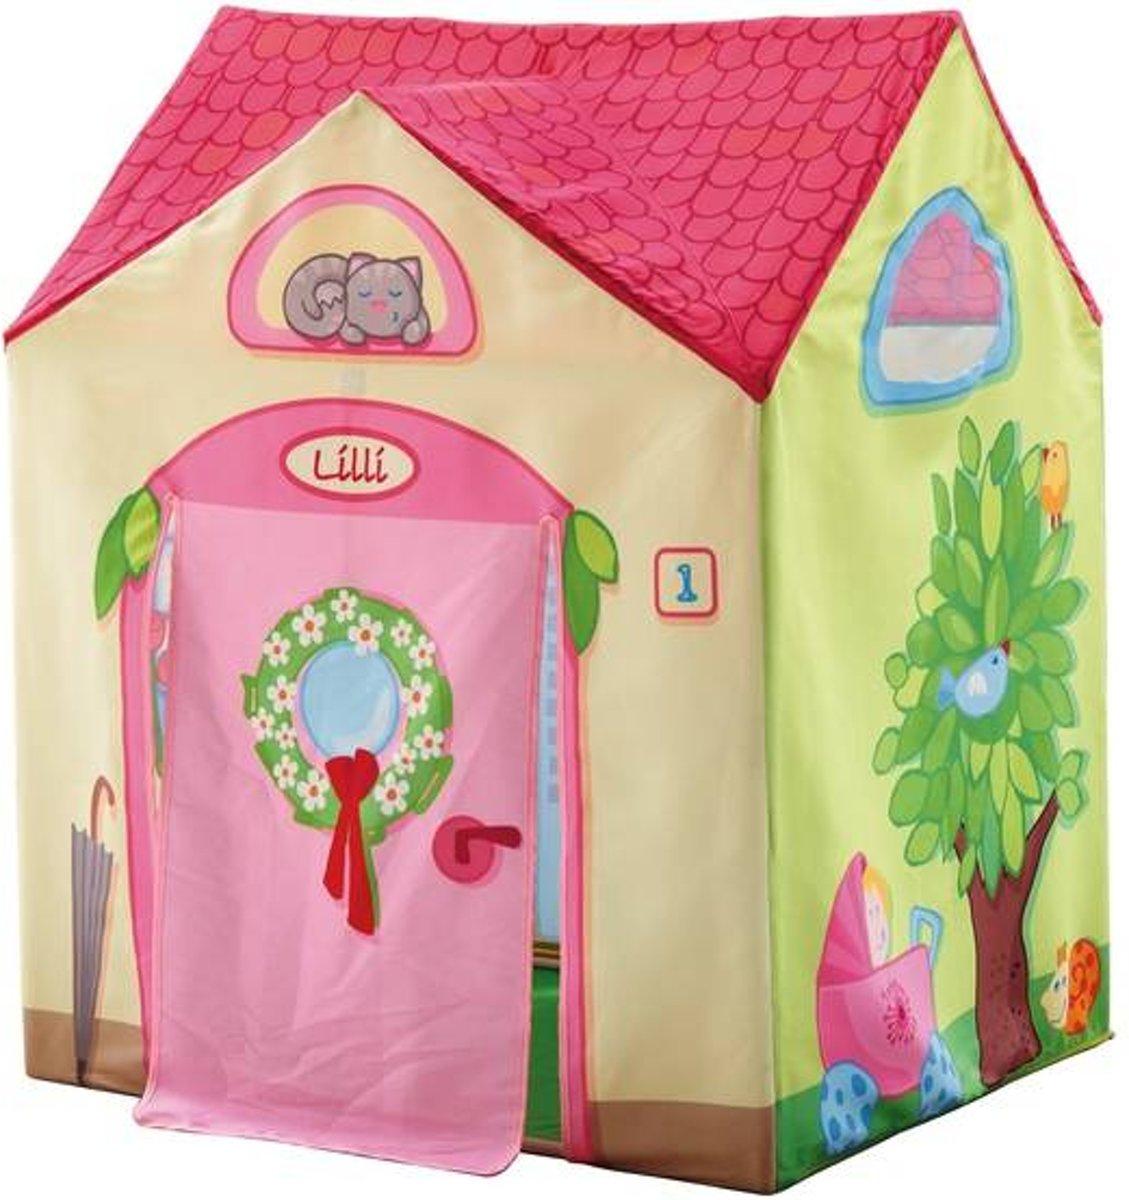 Speeltent Lilli's villa kopen